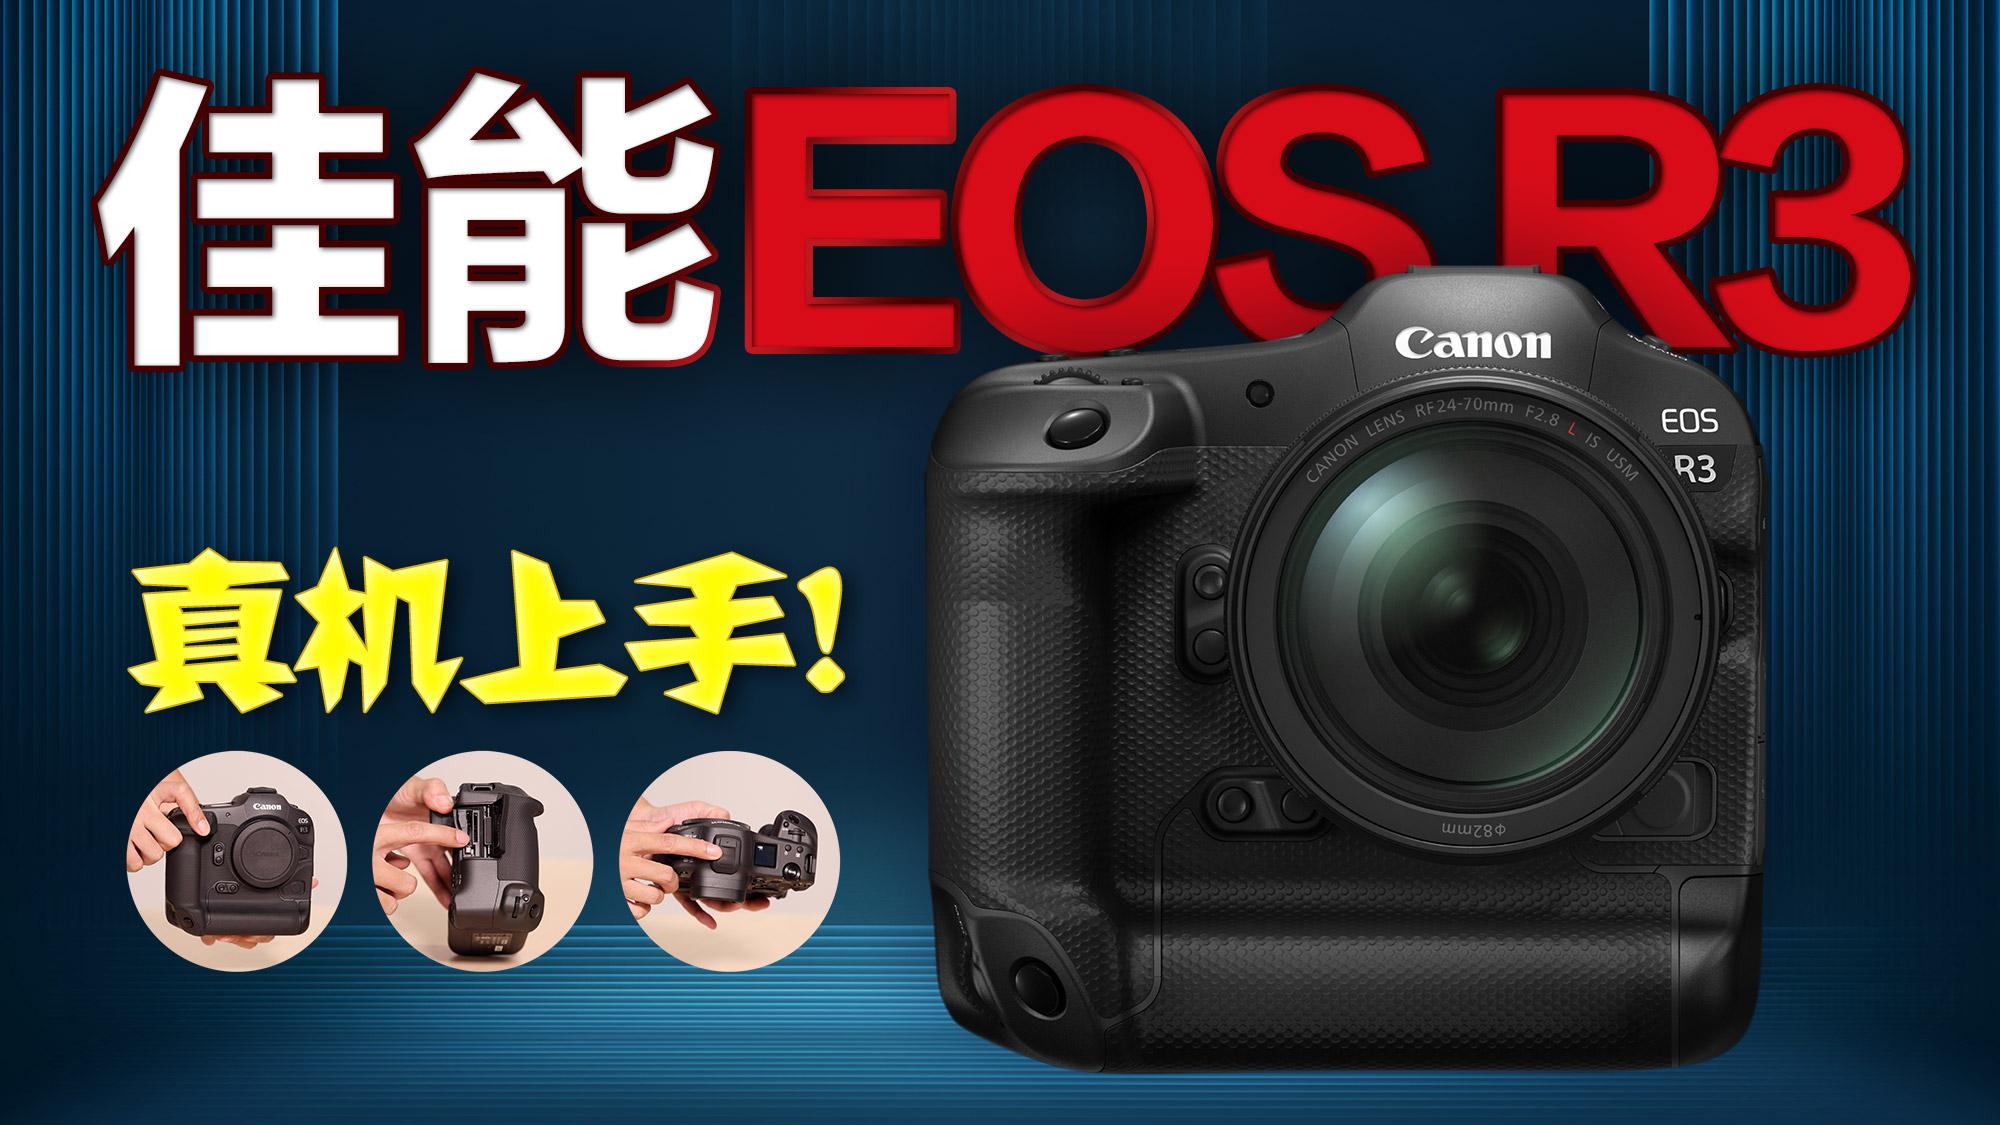 佳能 EOS R3 的亮点,我们给您一个一个展开说